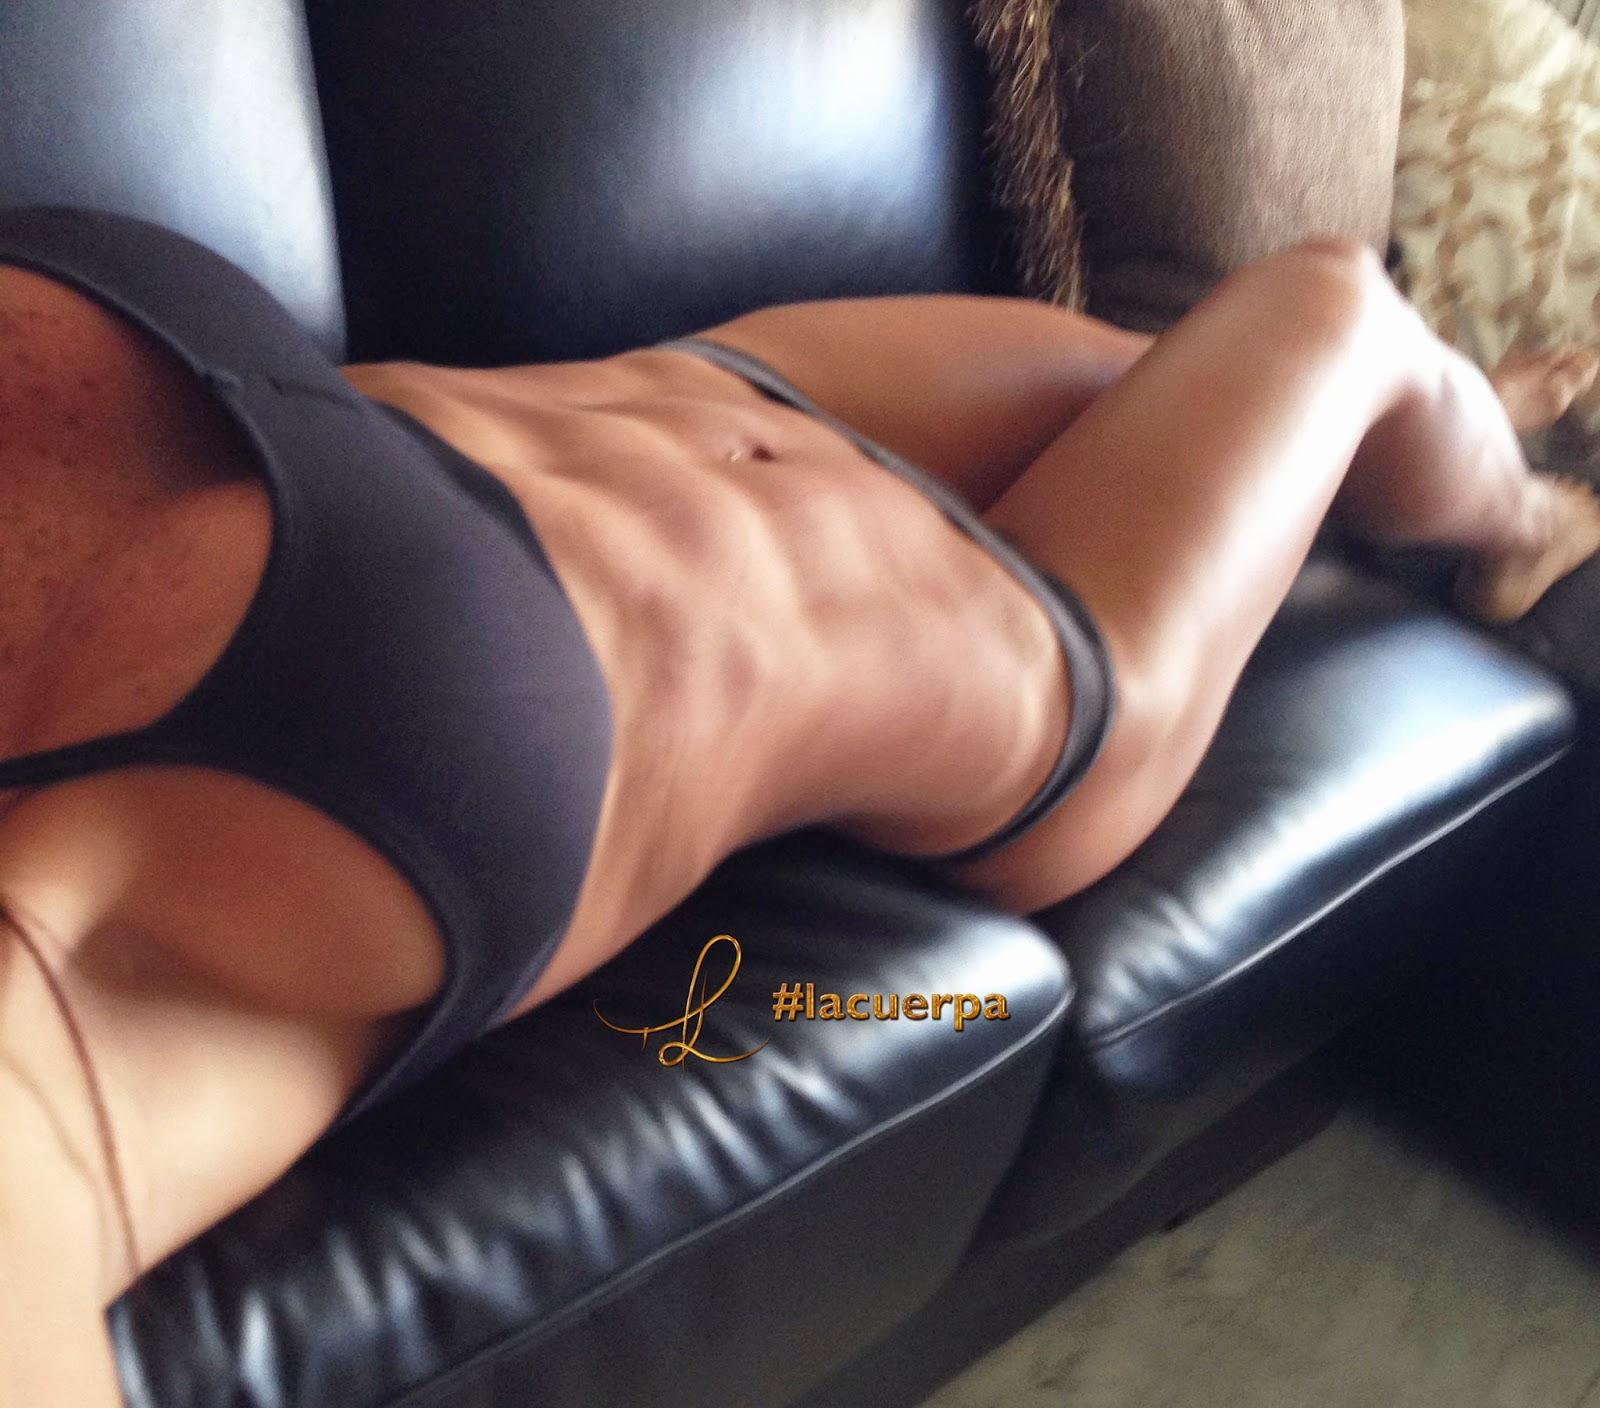 Con el nuevo año llegan los nuevos propósitos y con el de mejorar nuestro cuerpo llega Michelle Lewin, la reina del crossfit.  Sexy, escultural y divina.